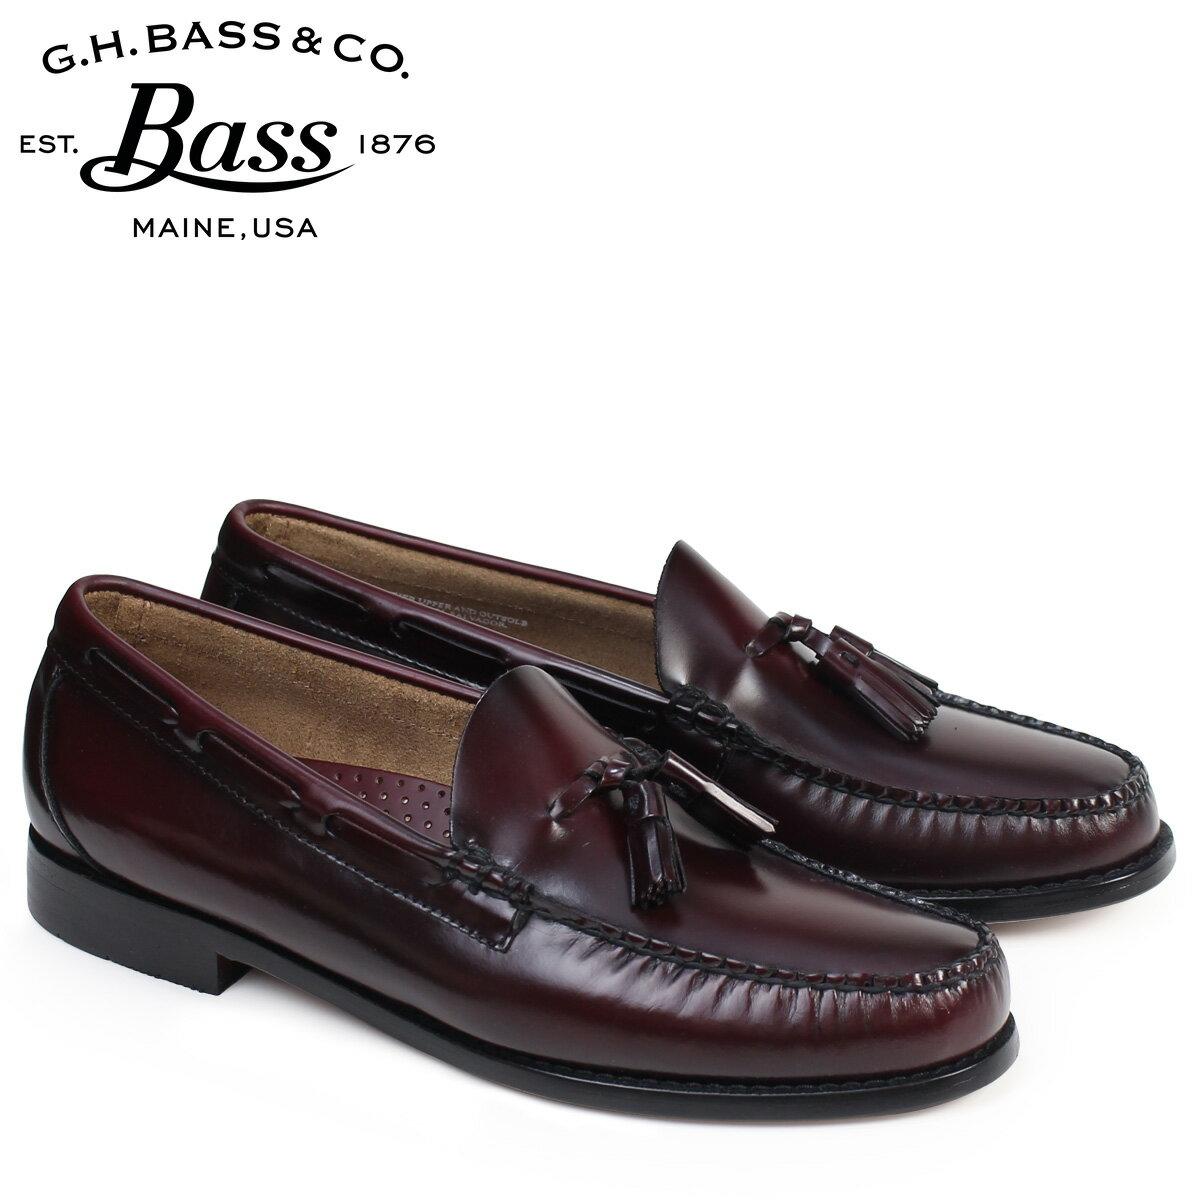 G.H. BASS ローファー ジーエイチバス メンズ タッセル LEXINGTON TASSEL WEEJUNS 70-10909 靴 バーガンディ [2/1 追加入荷]